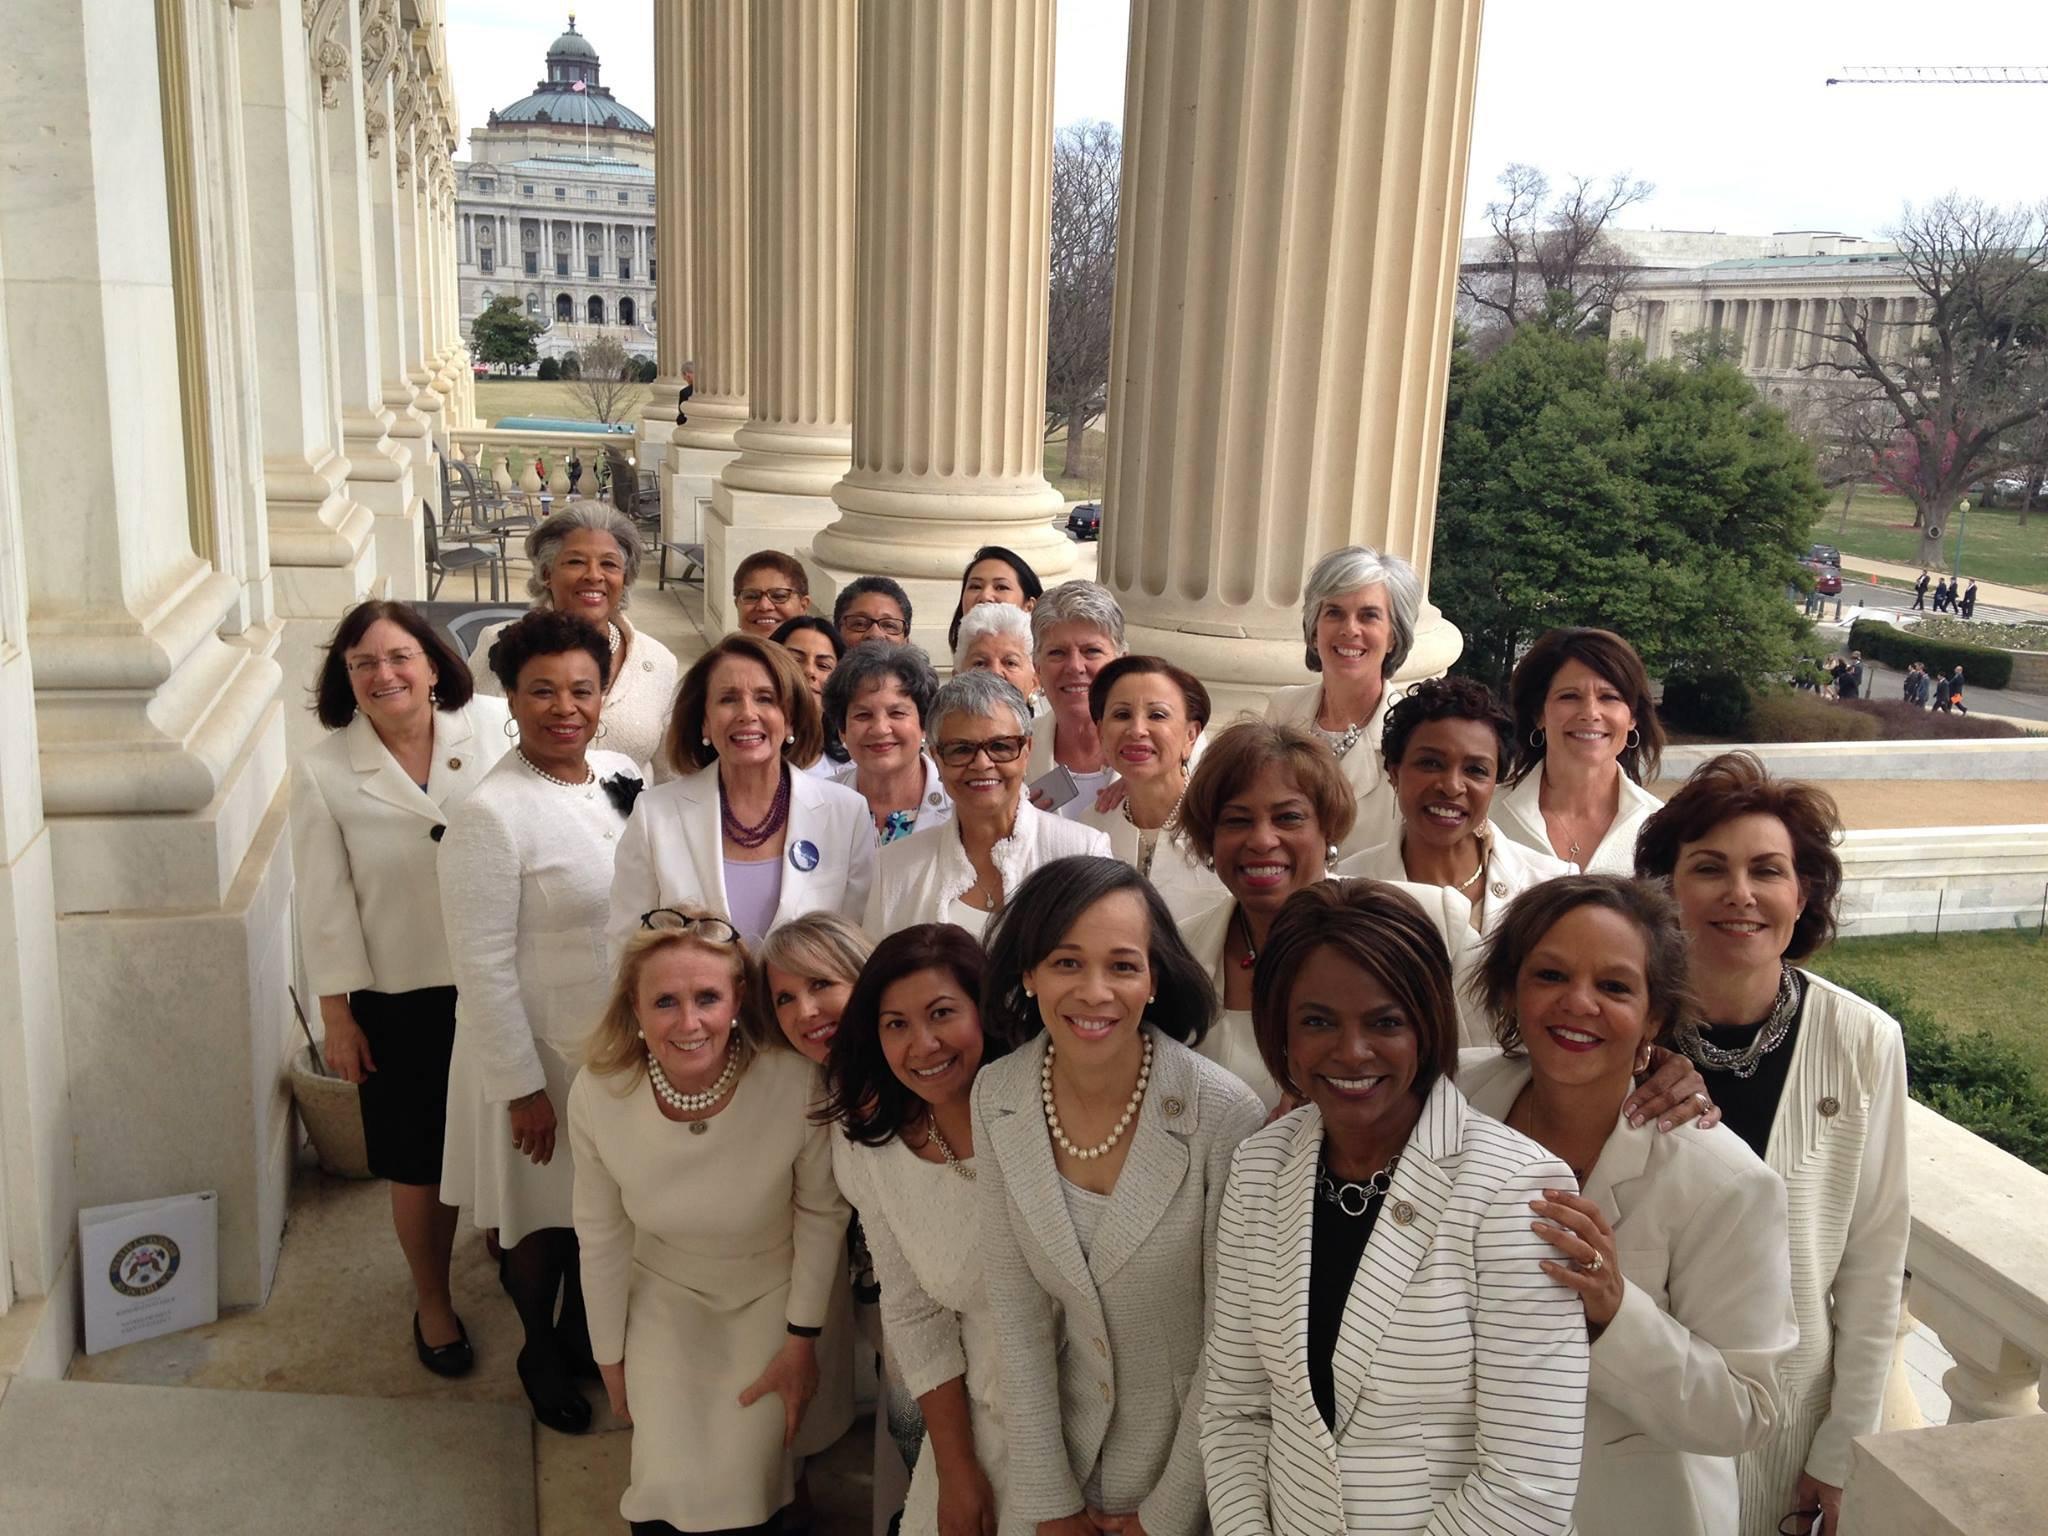 Women-In-2017-Democrat-Women-White-Suffrage.jpg